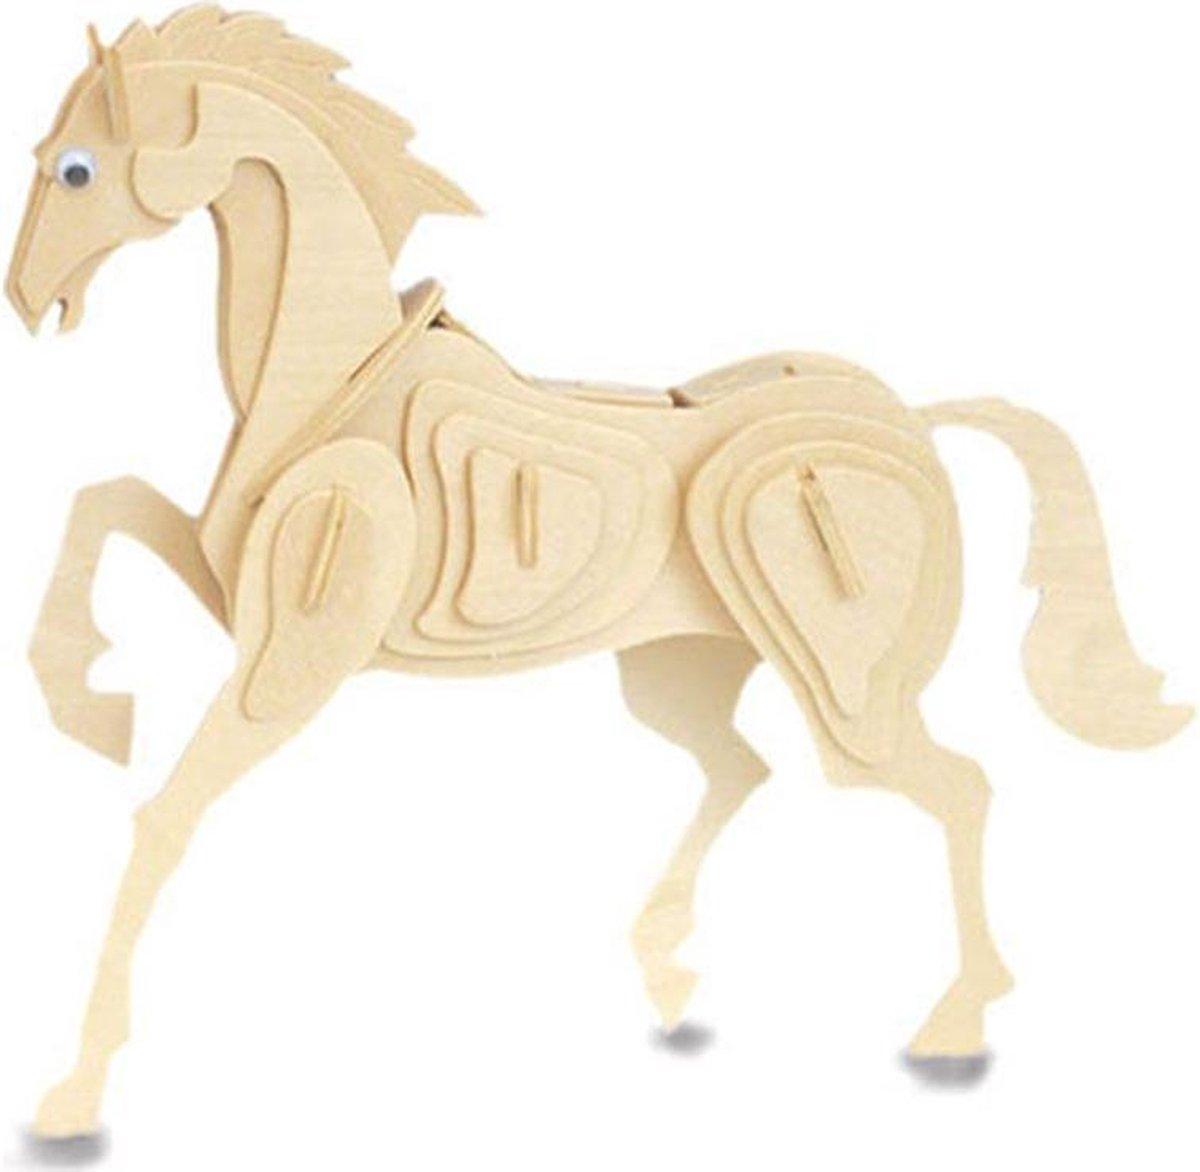 Bouwpakket 3D Puzzel Paard - hout